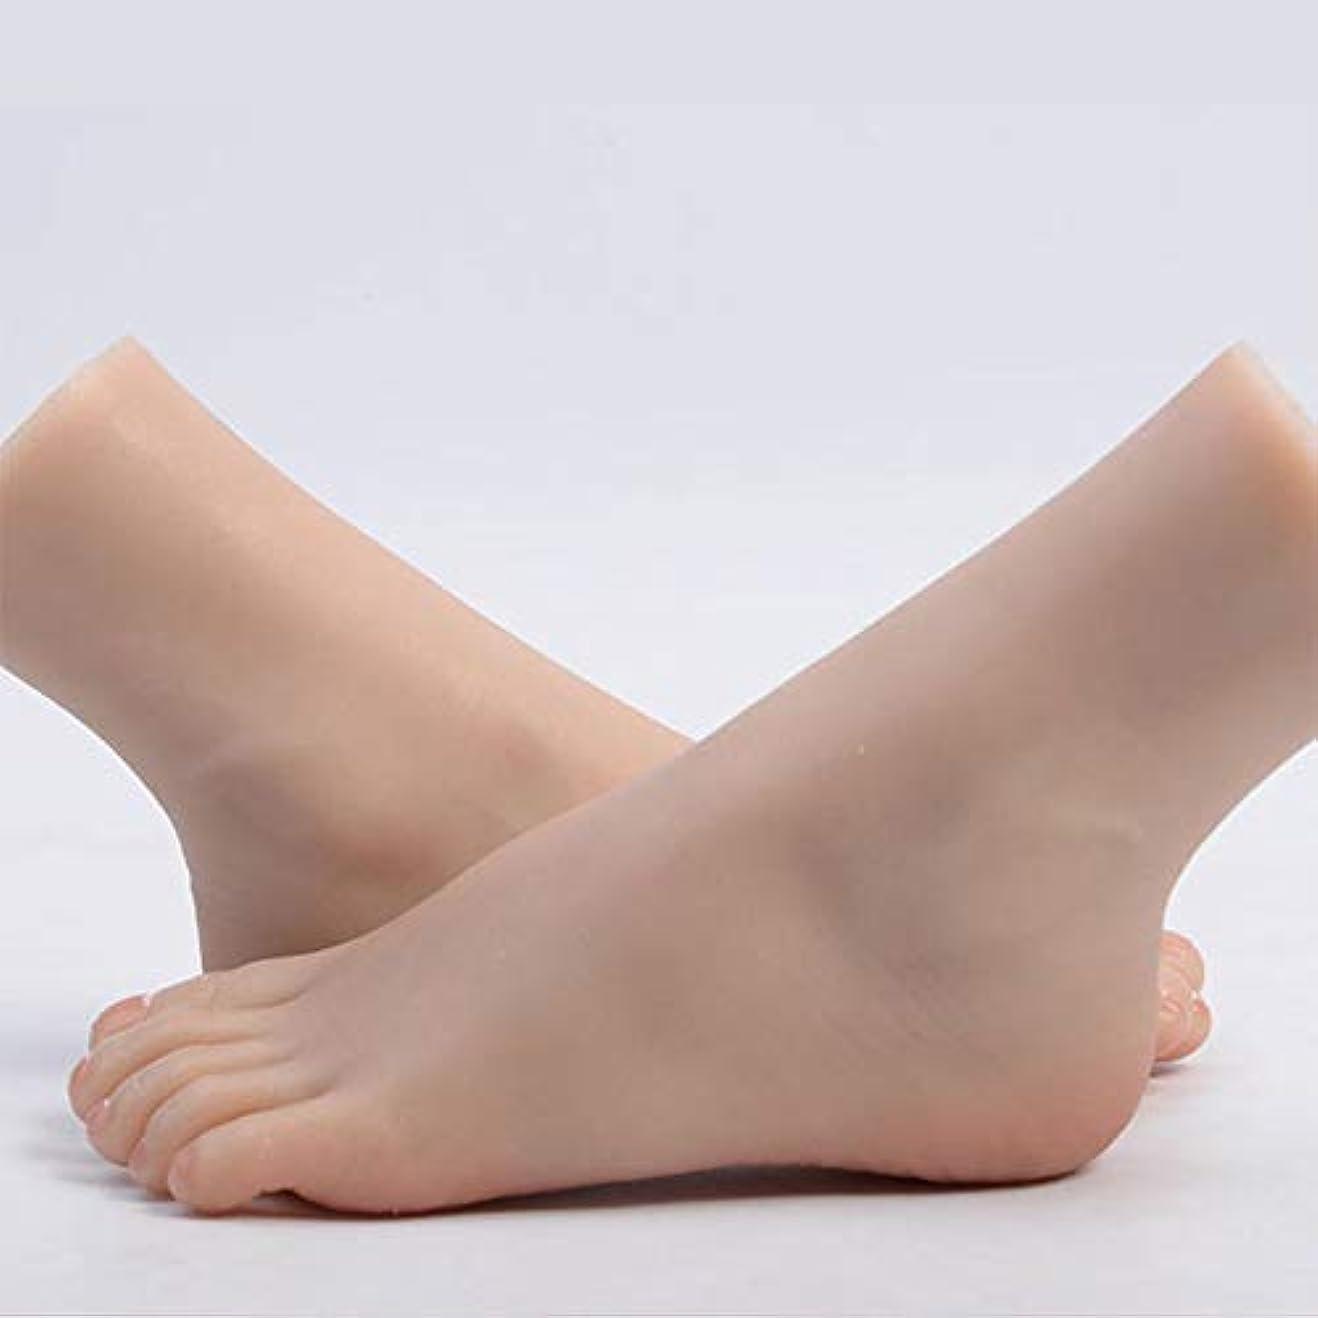 現金第九タール足モデル、現実的な女性ネイルアートの練習の足マネキン足モデルシューズソックスジュエリーディスプレイ、1ペア,Bone